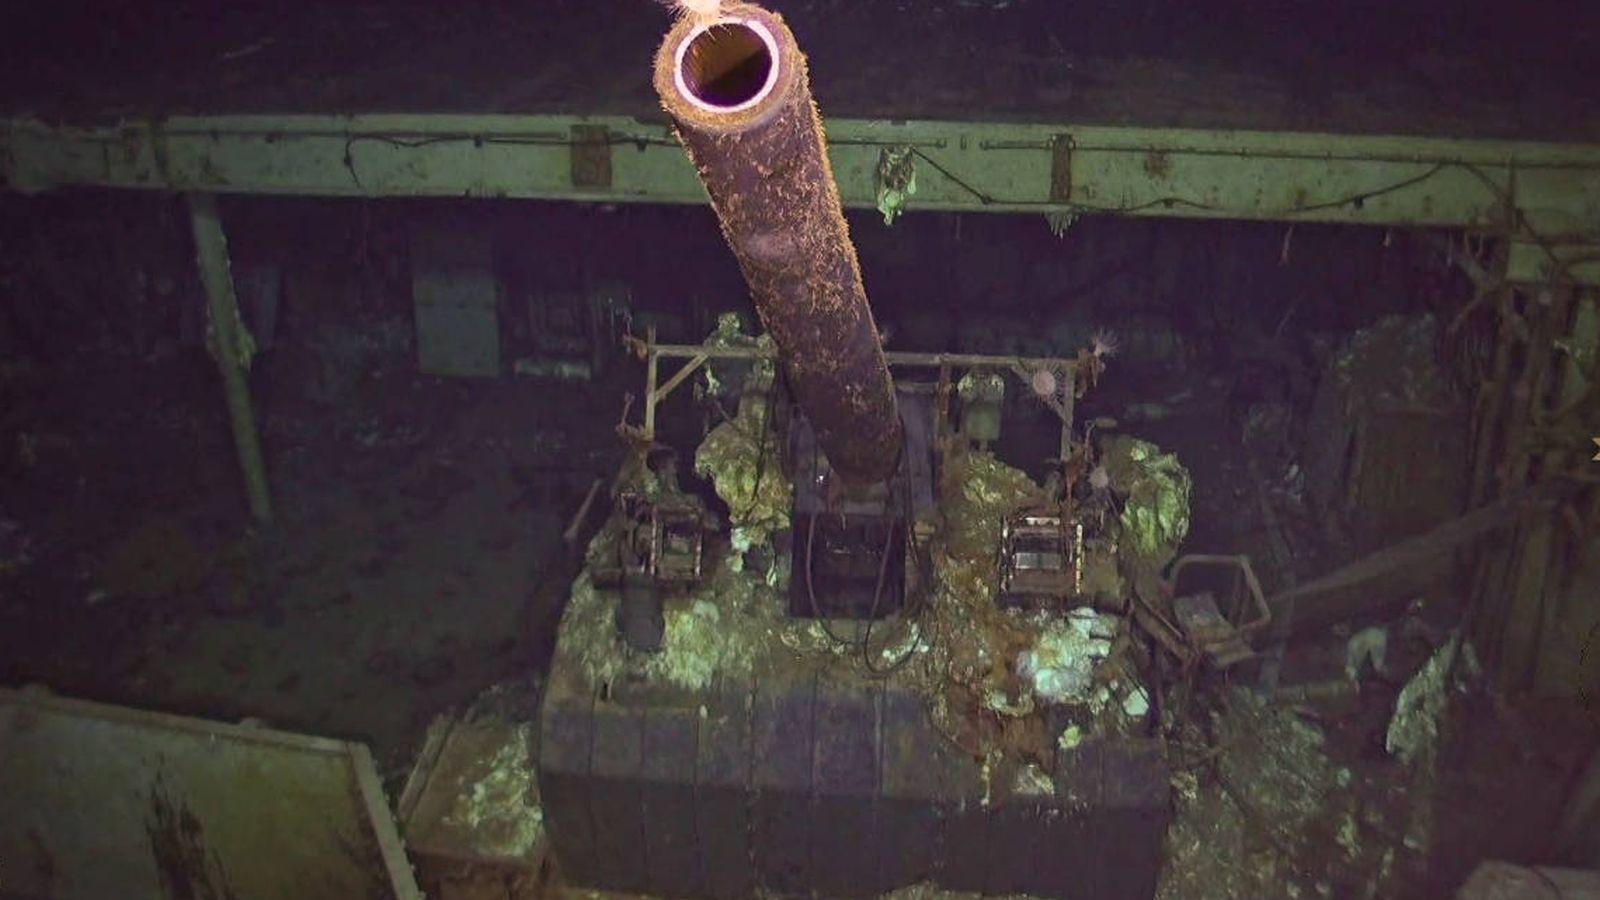 Foto: Los cañones siguen apuntando hacia arriba 76 años después (Foto: Twitter)